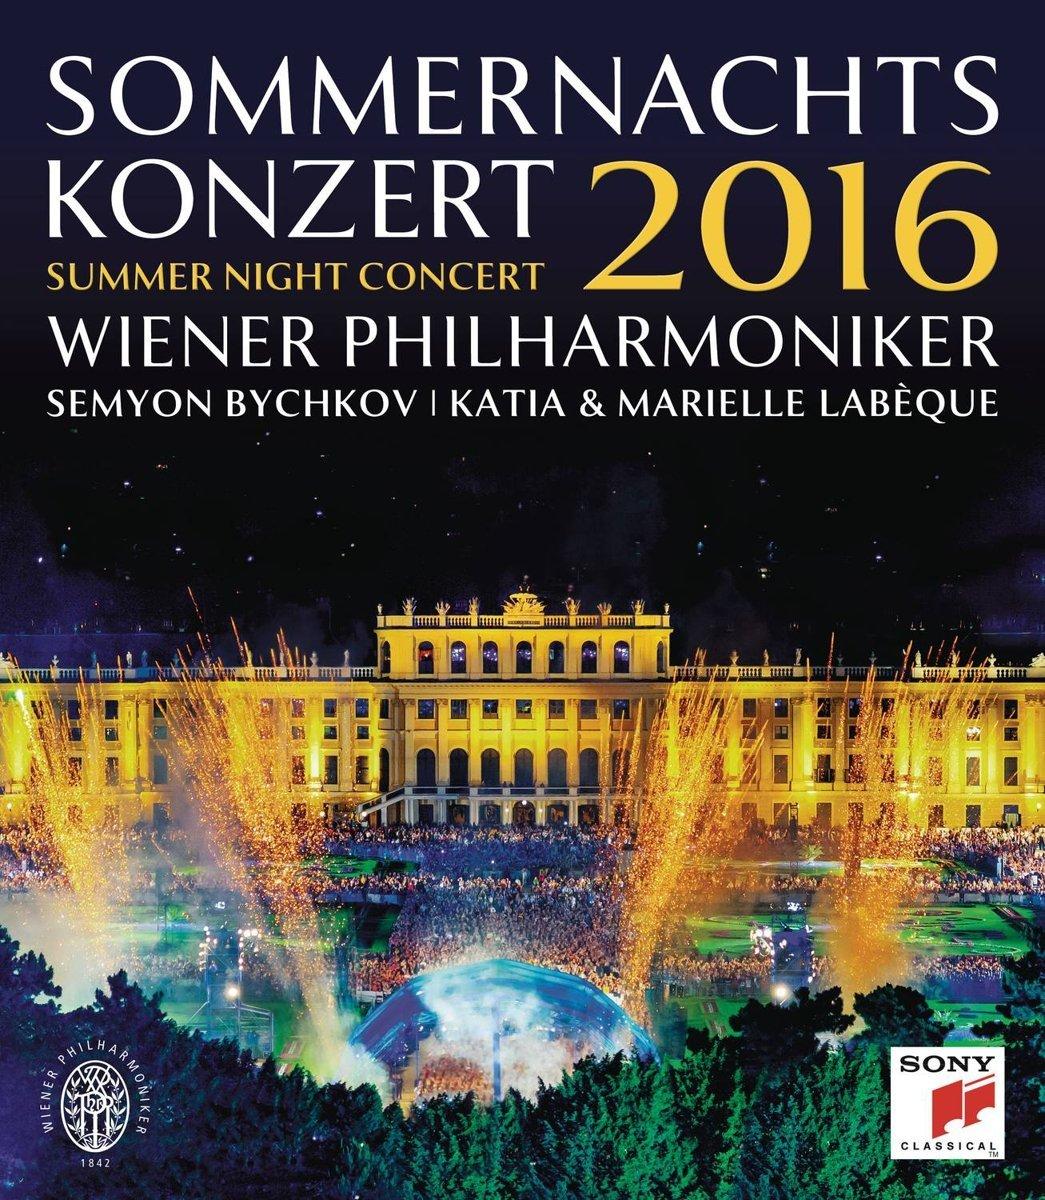 Wiener Philharmoniker Summer Night Concert Schönbrunn 2016